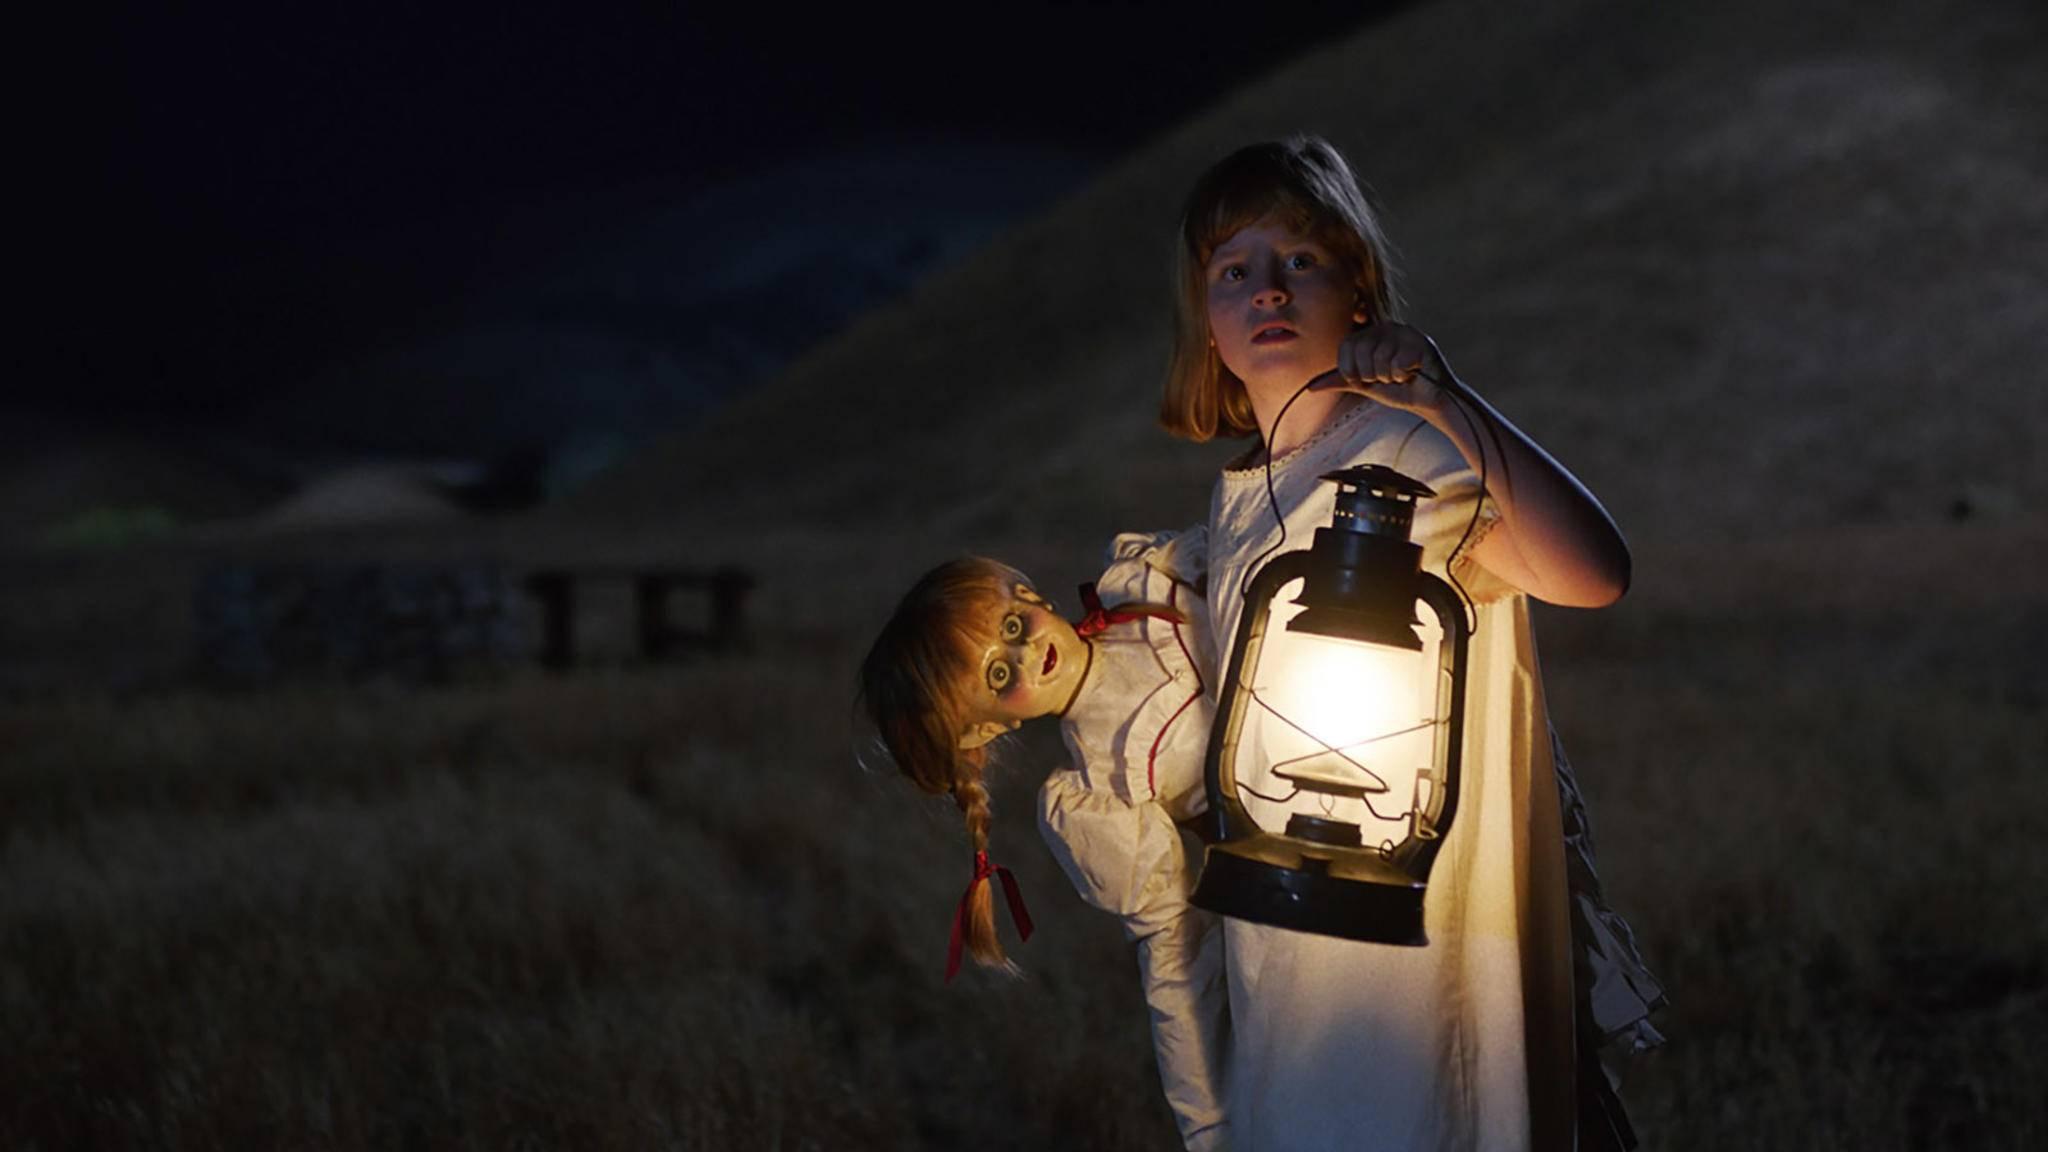 Puppe Annabelle setzt auch in ihrem zweiten Film auf Schockmomente im Stile der Grusel-Klassiker.